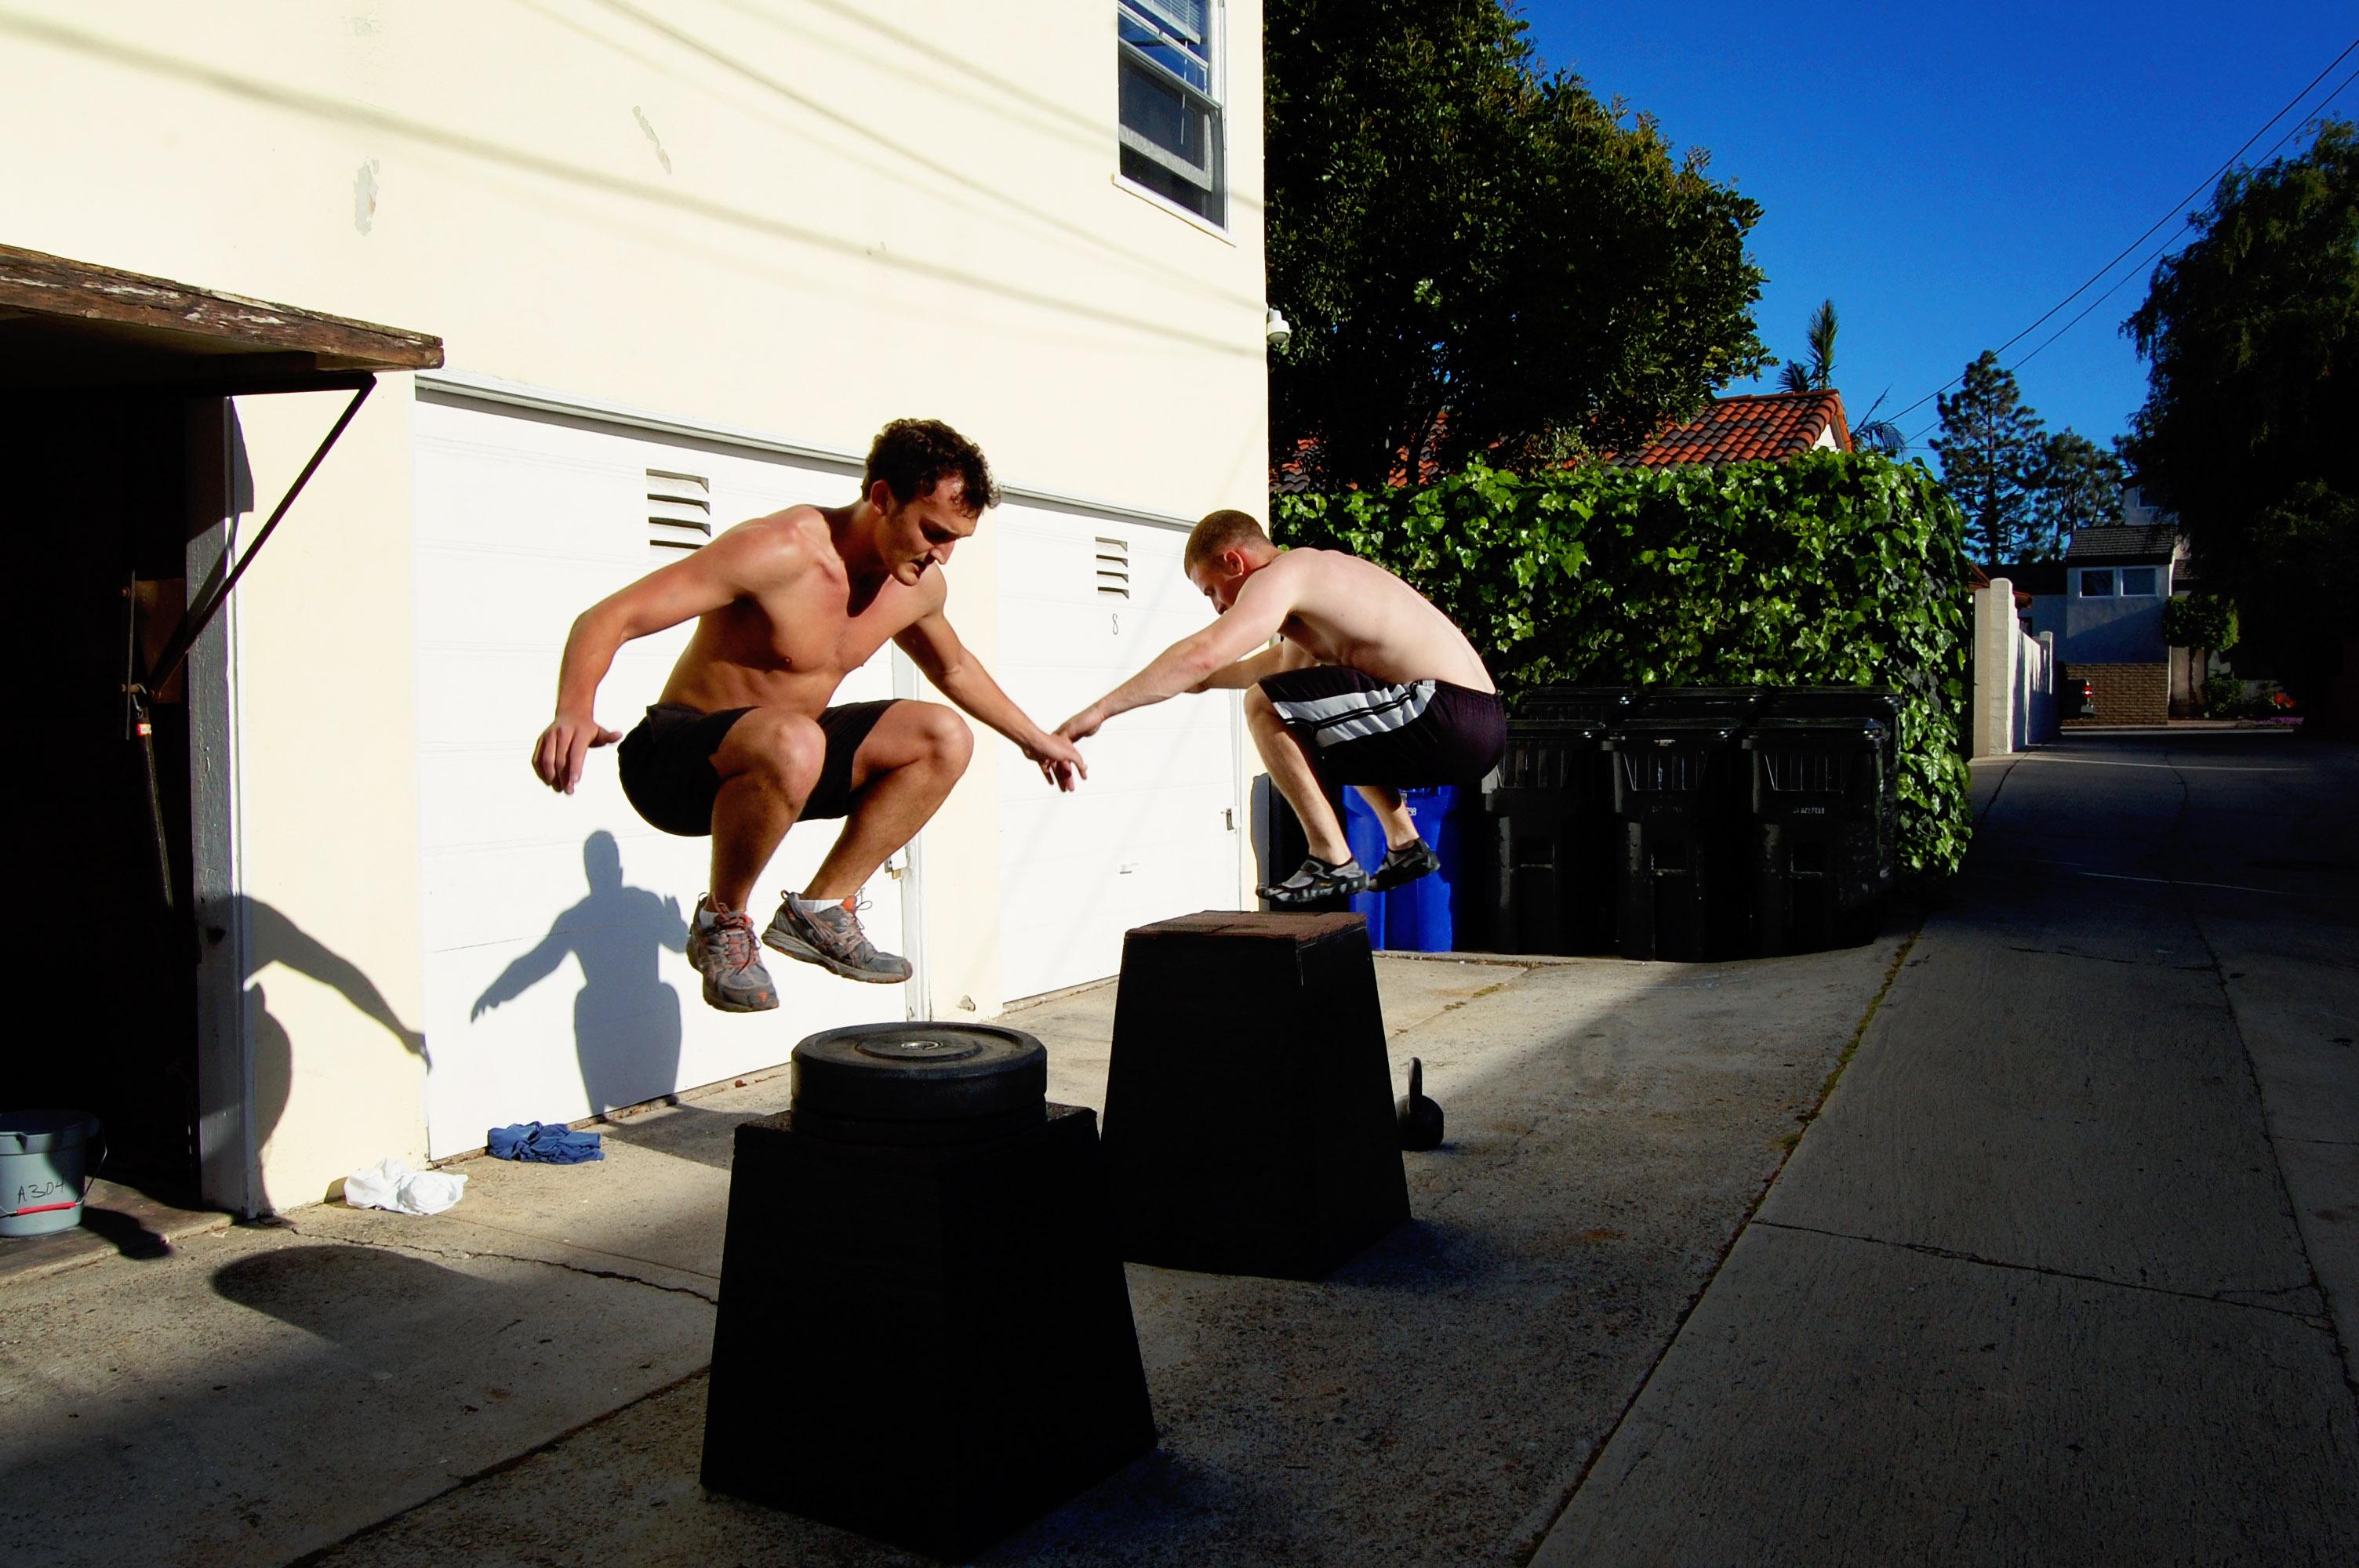 Blessure : comment éviter la déchirure musculaire ?